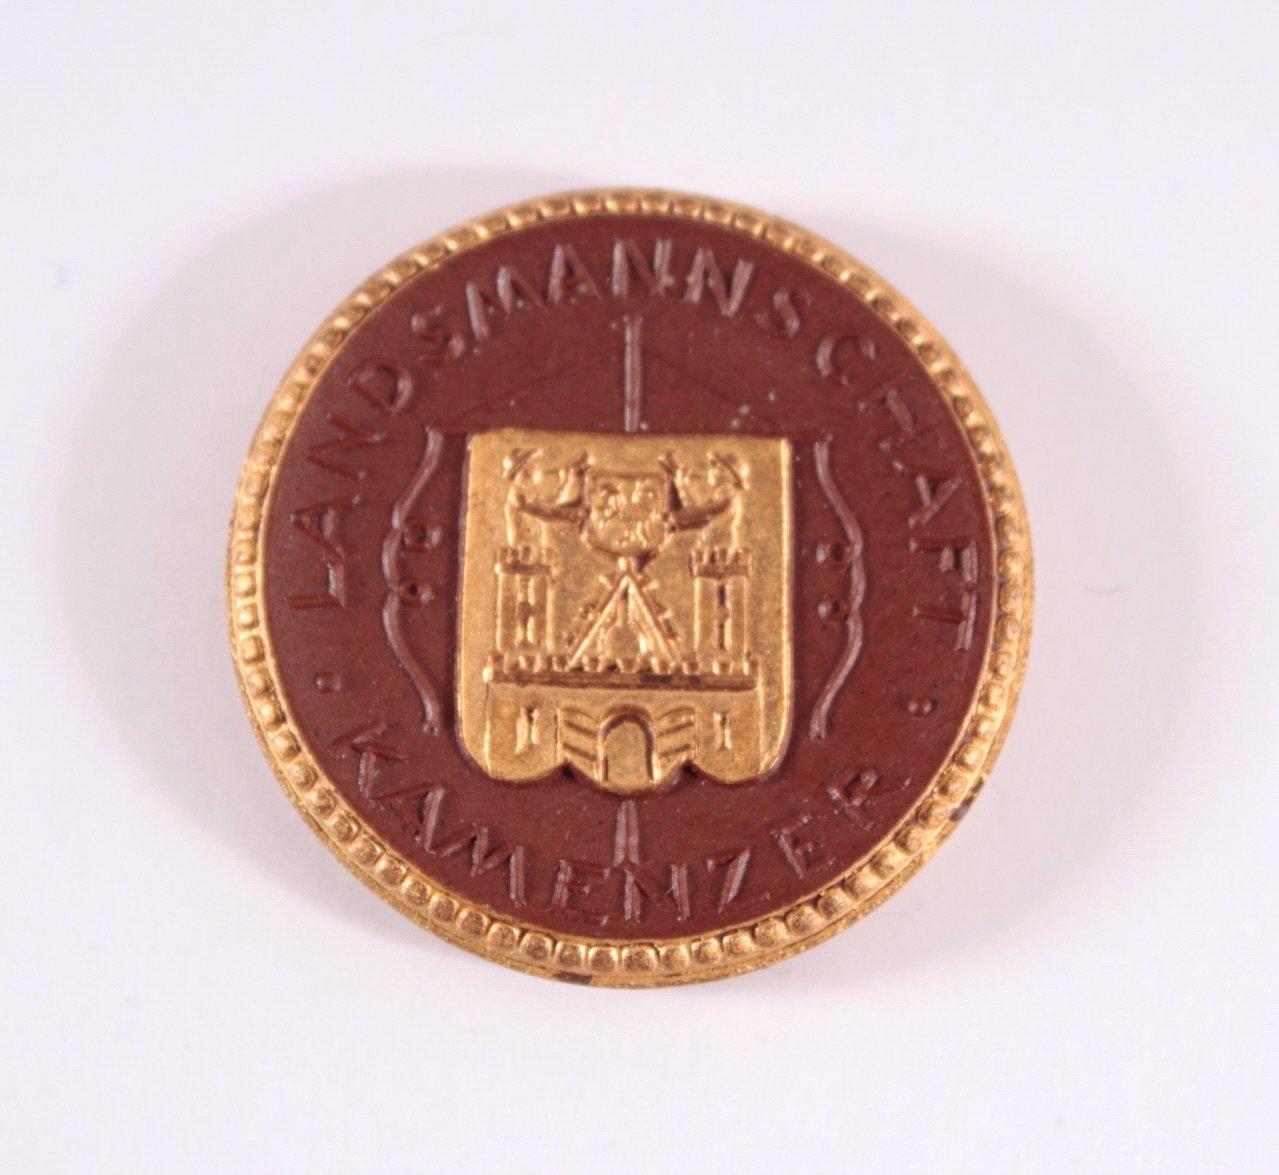 Steinzeug Medaille Kamenzer Landsmannschaft Dresden 1922